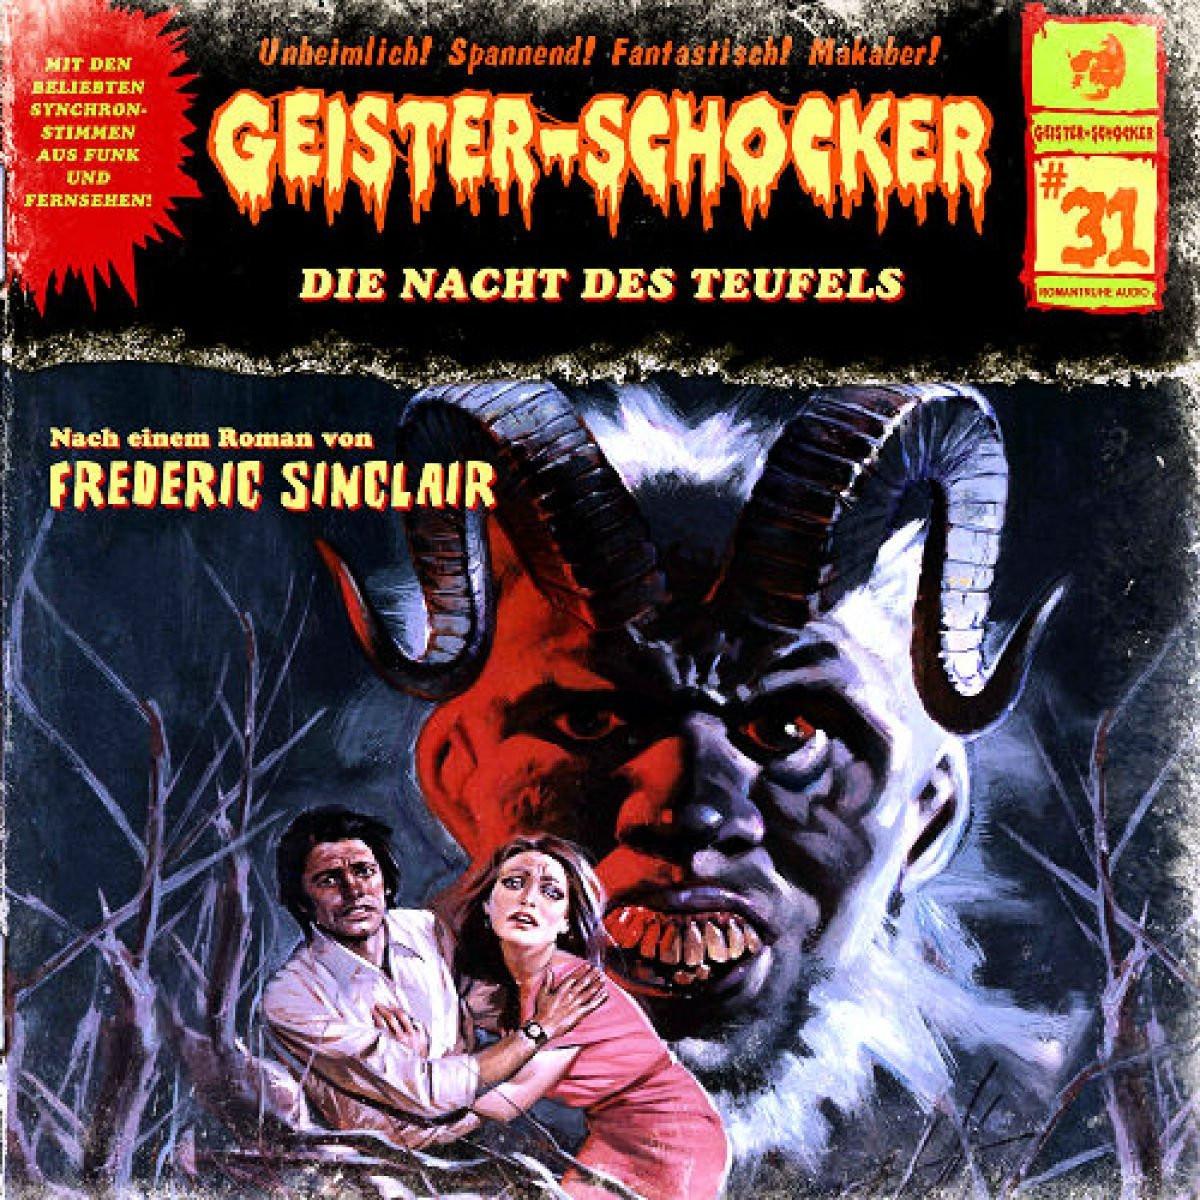 Geister-Schocker 31 Die Nacht des Teufels